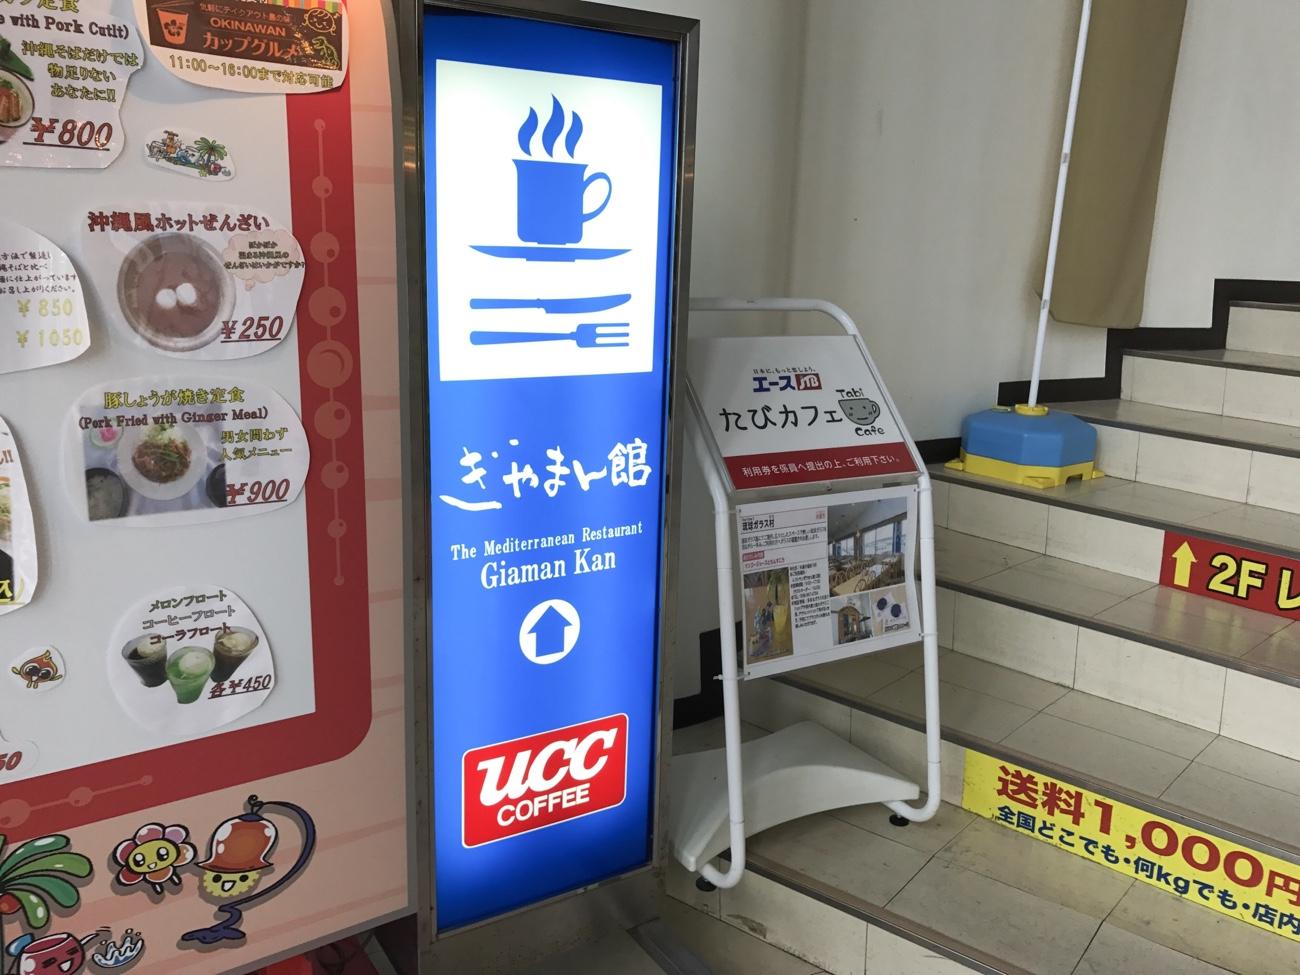 琉球ガラス村 食事 レストランぎやまん館とカフェ